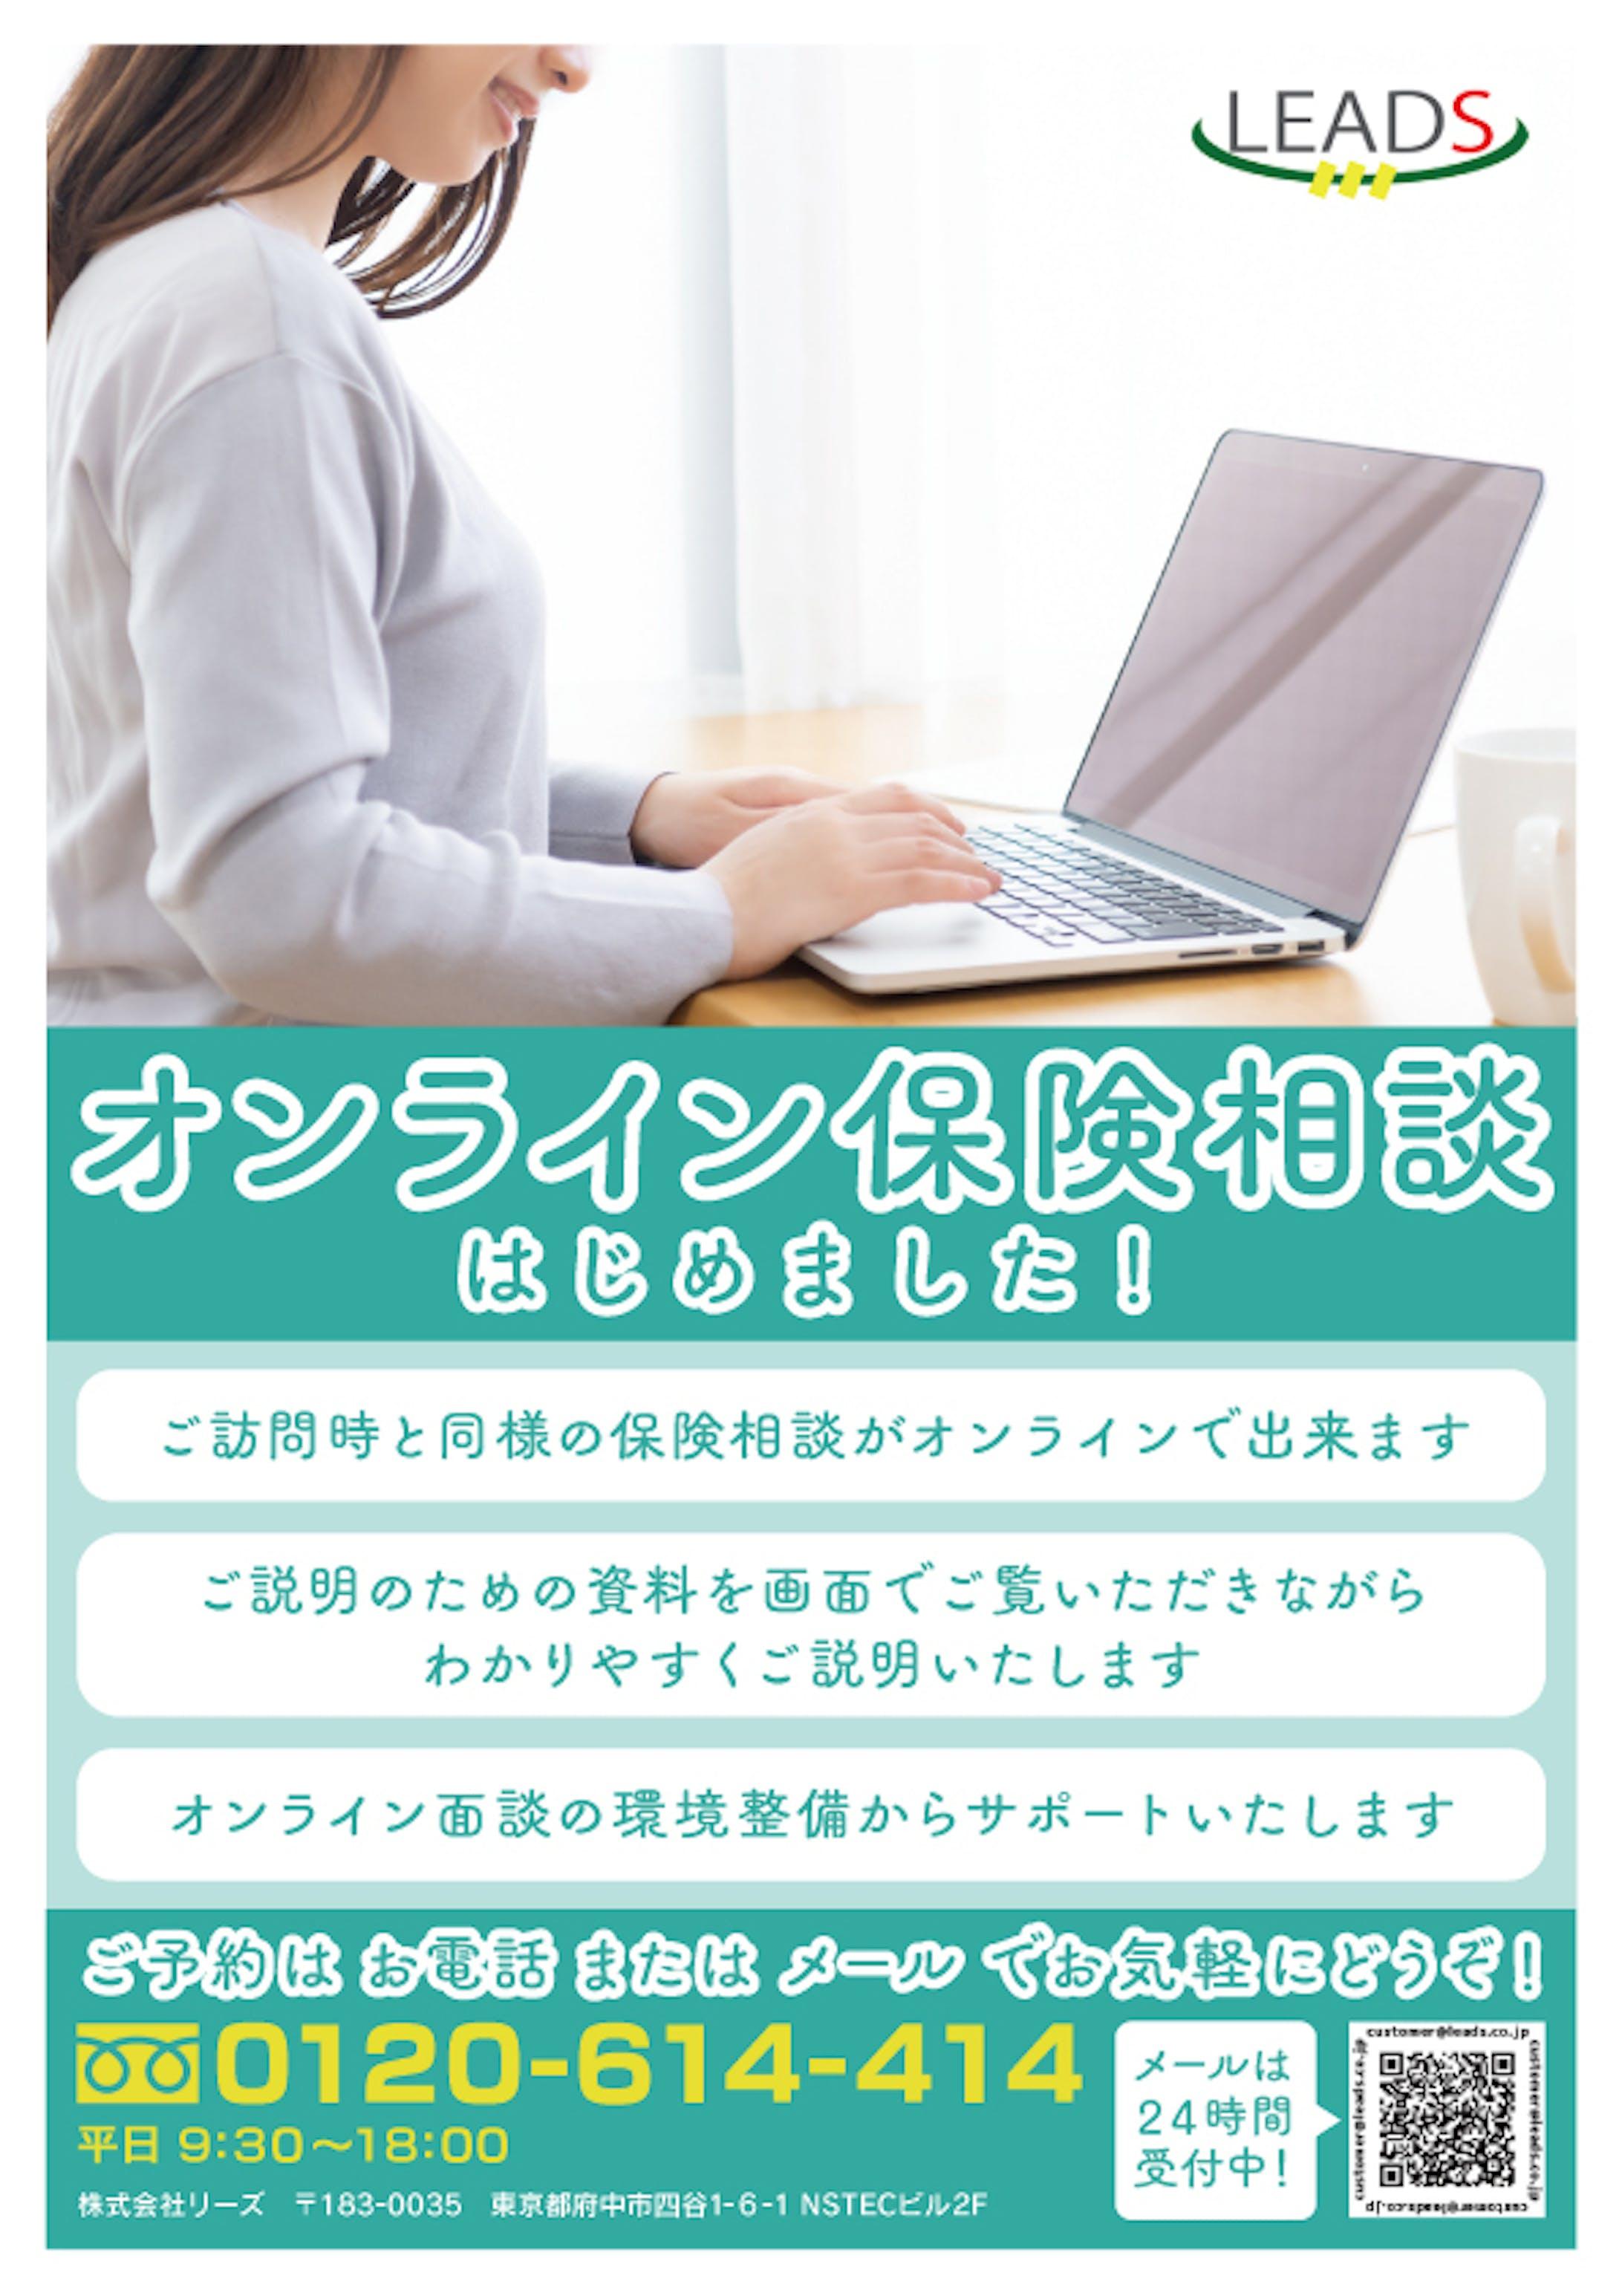 保険の営業チラシ(株式会社リーズ様)-2